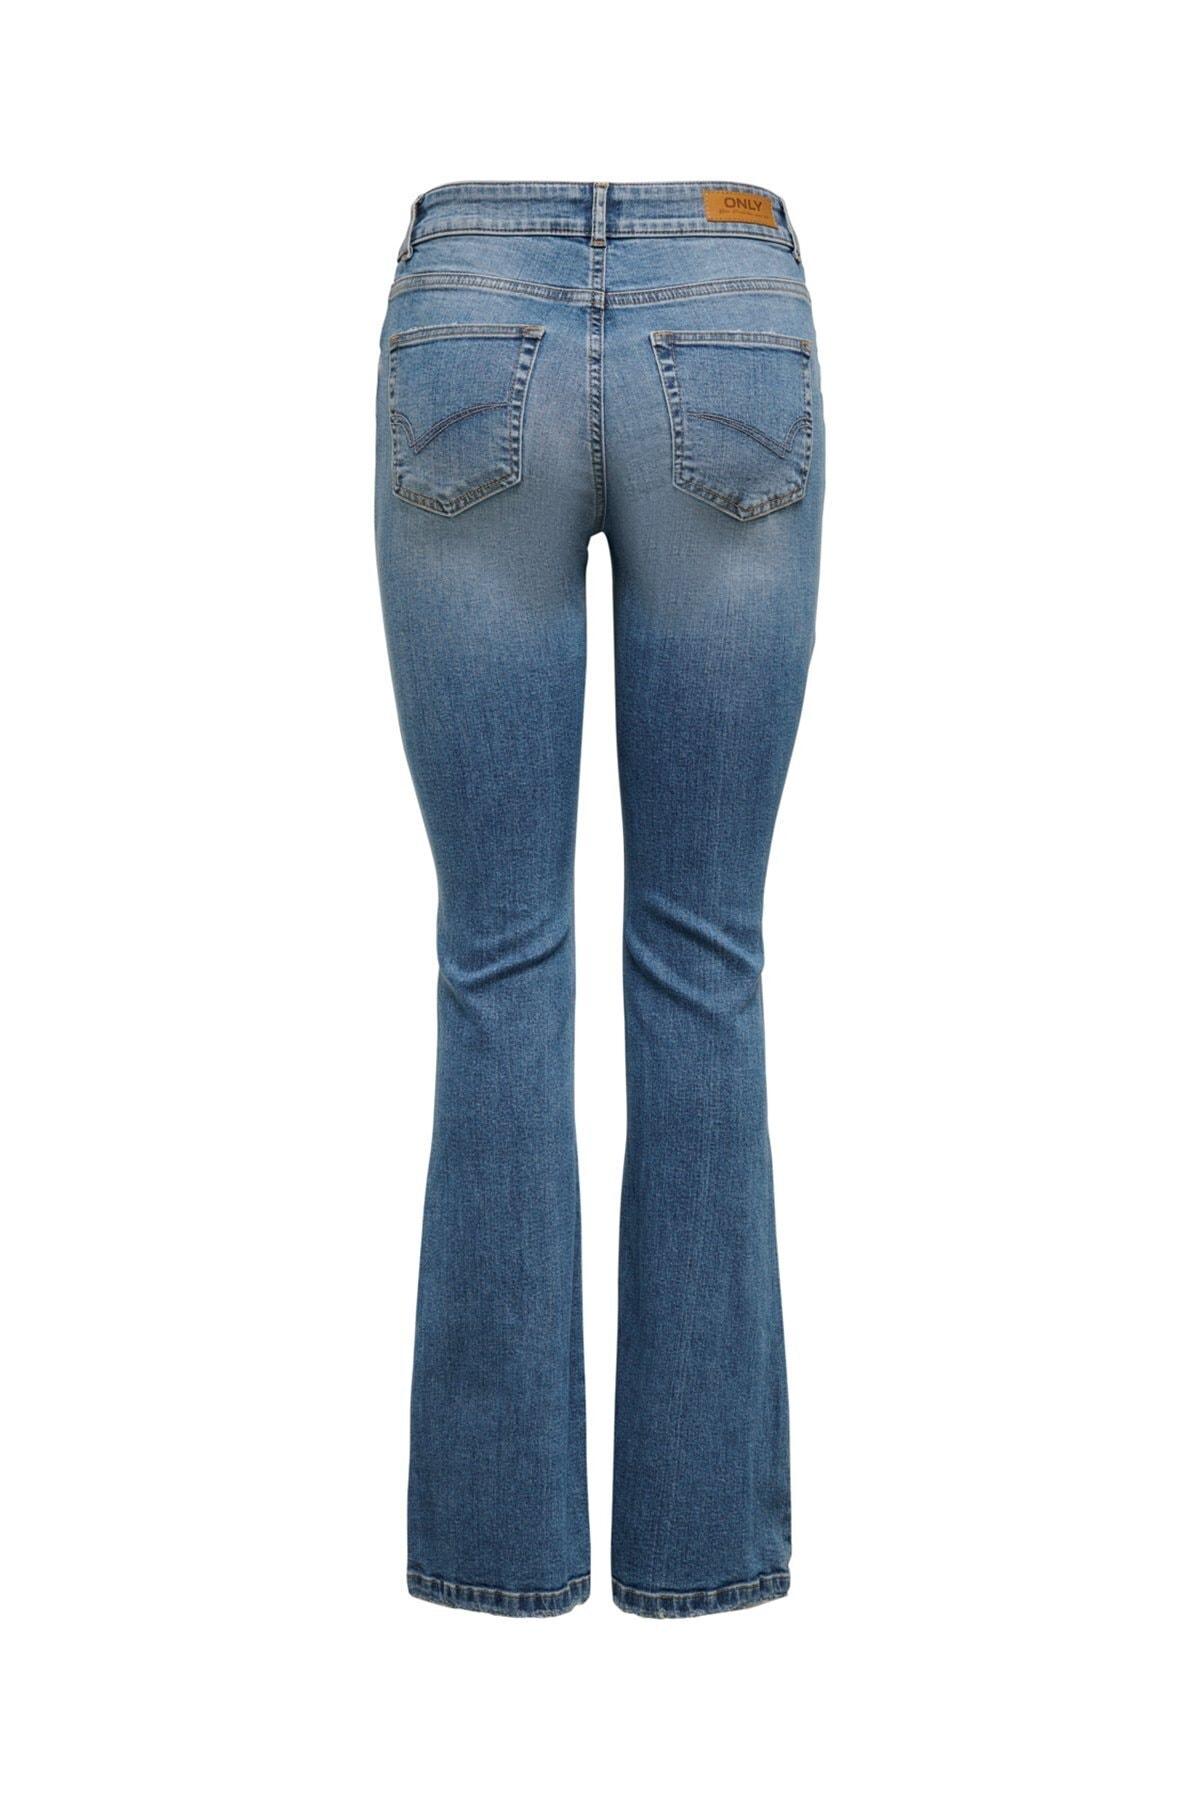 Only Onlhush Life Mıd Flored Bb Dot0003 Jeans 15208314 2